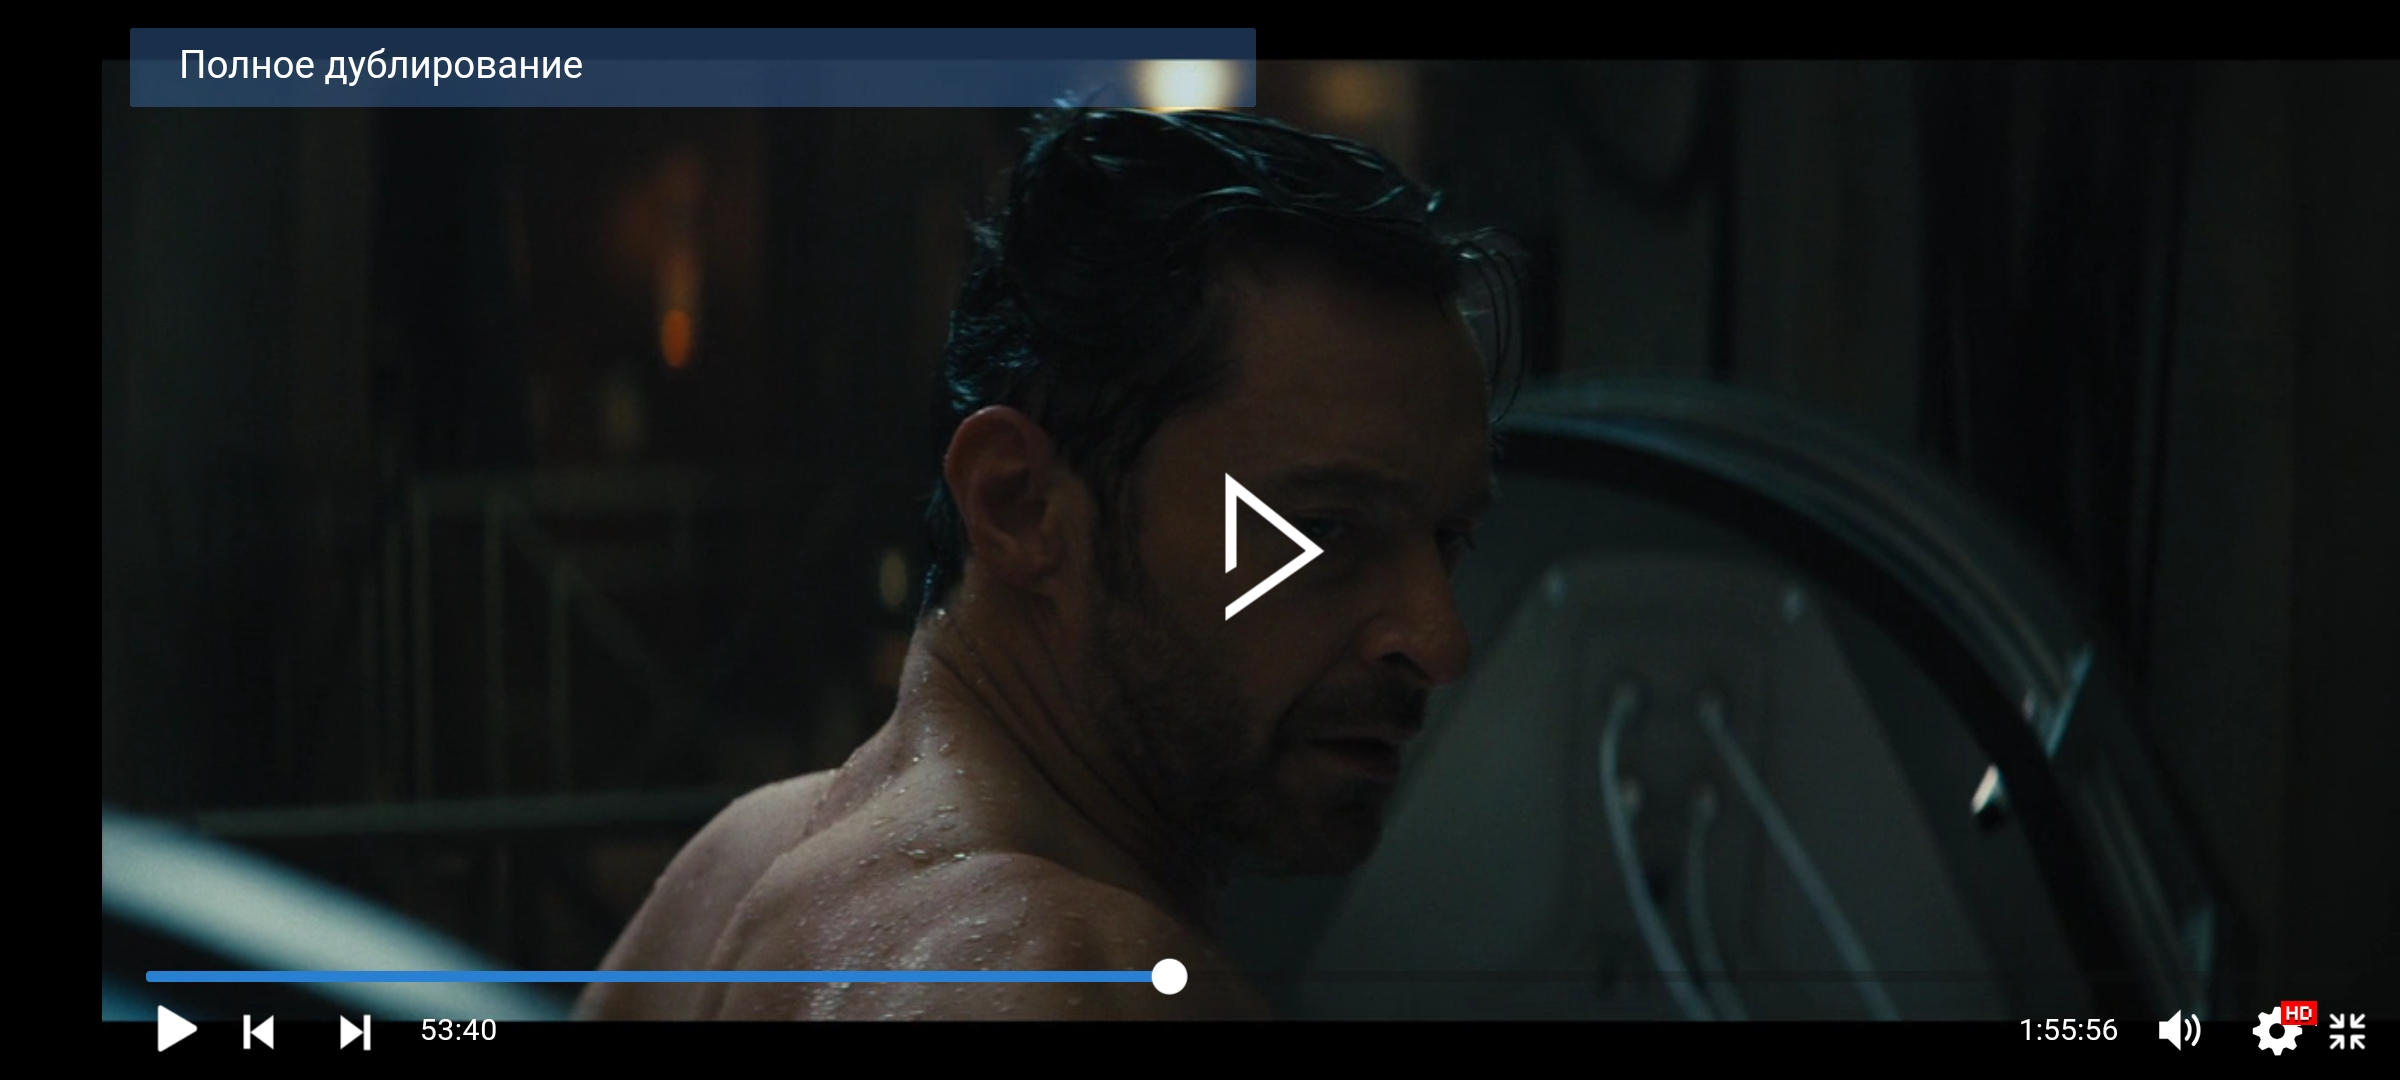 Screenshot_2021-09-15-22-20-45-318_com.kinoplay.jpg